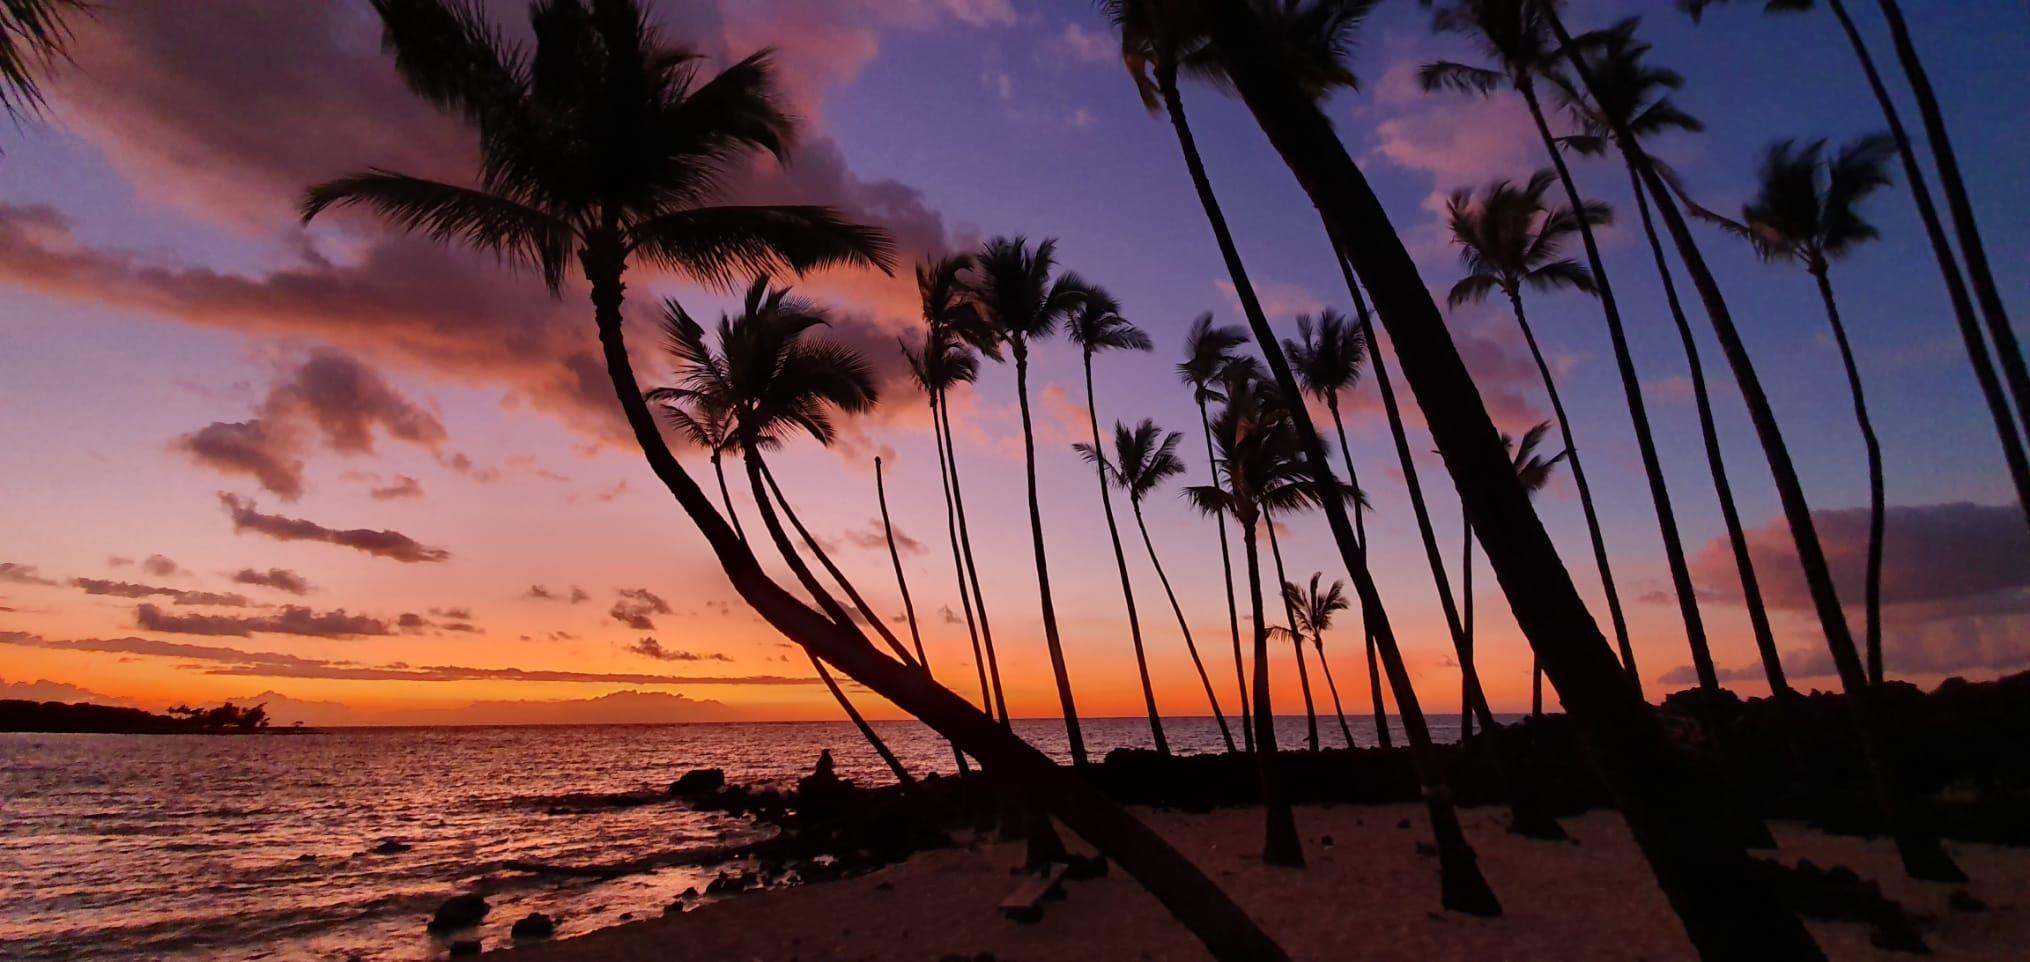 ハワイ 3桁の新規感染が連続11日目で、1日の症例数は300件が目の前